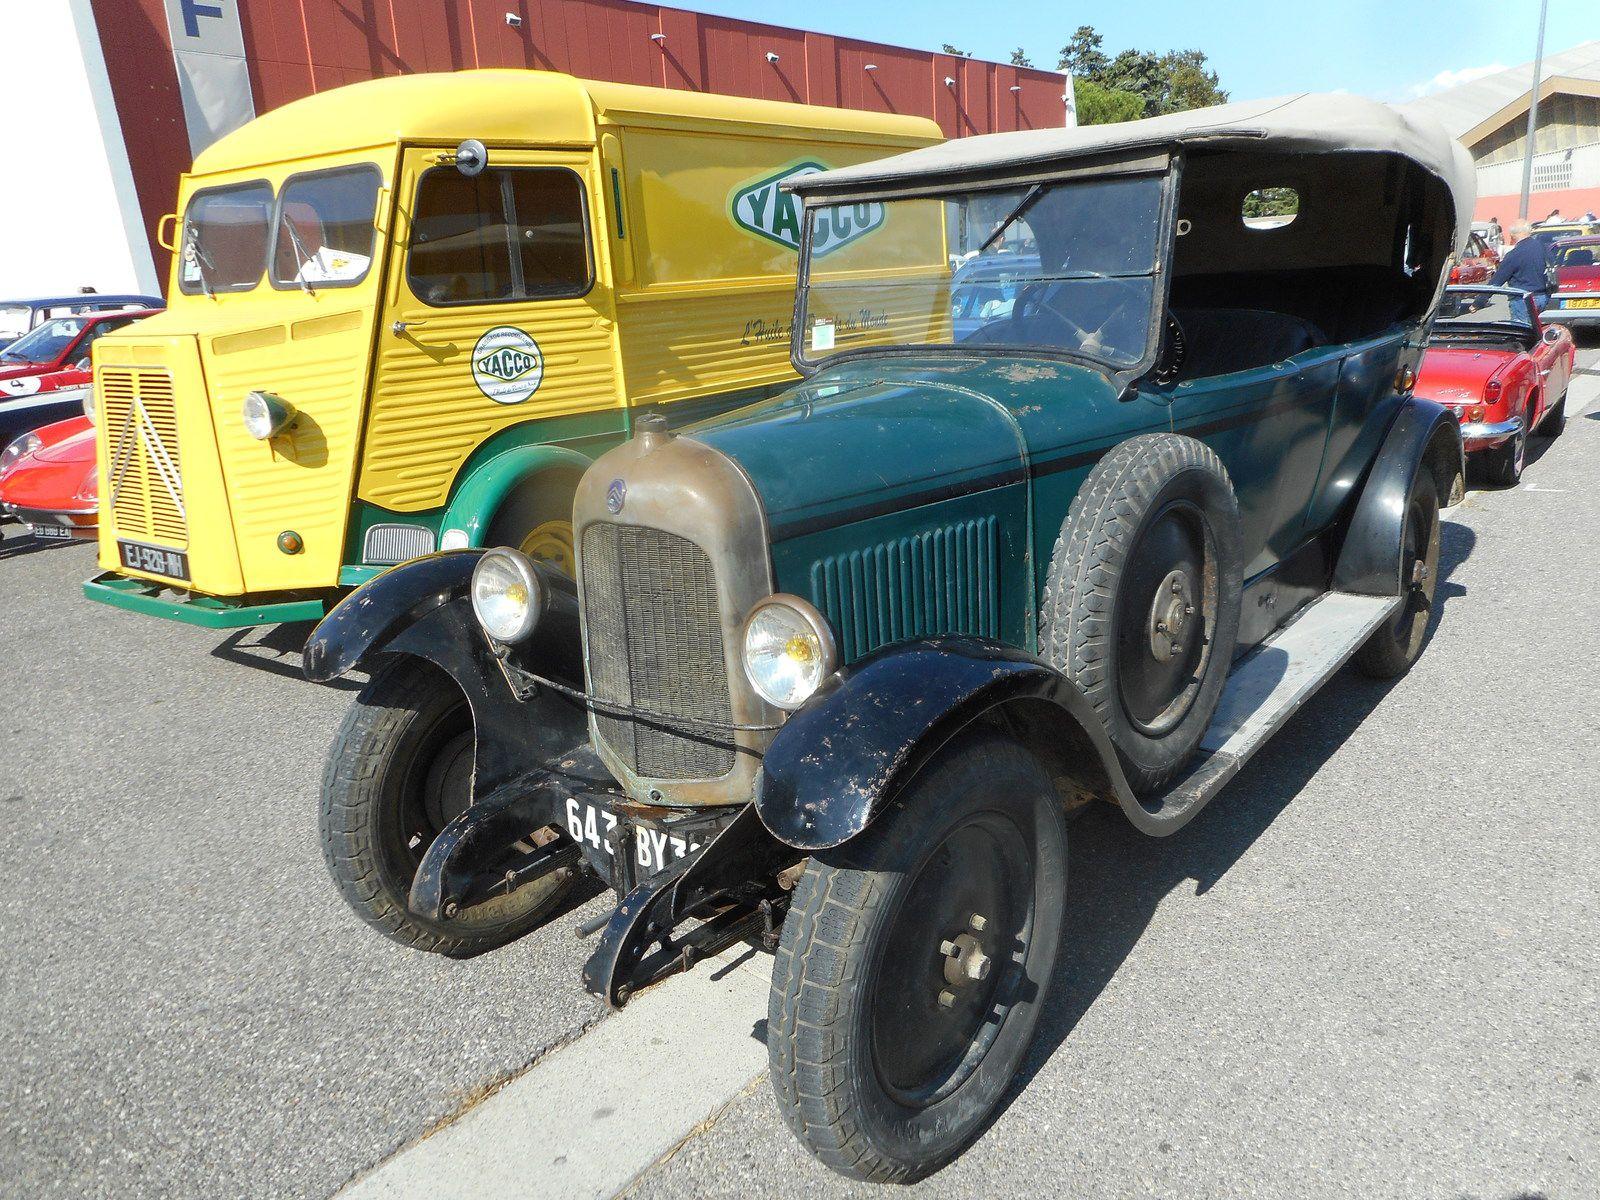 AUTOS & MOTOS ANCIENNES d'avant 1940 à AVIGNON Dimanche 15 MARS 2020